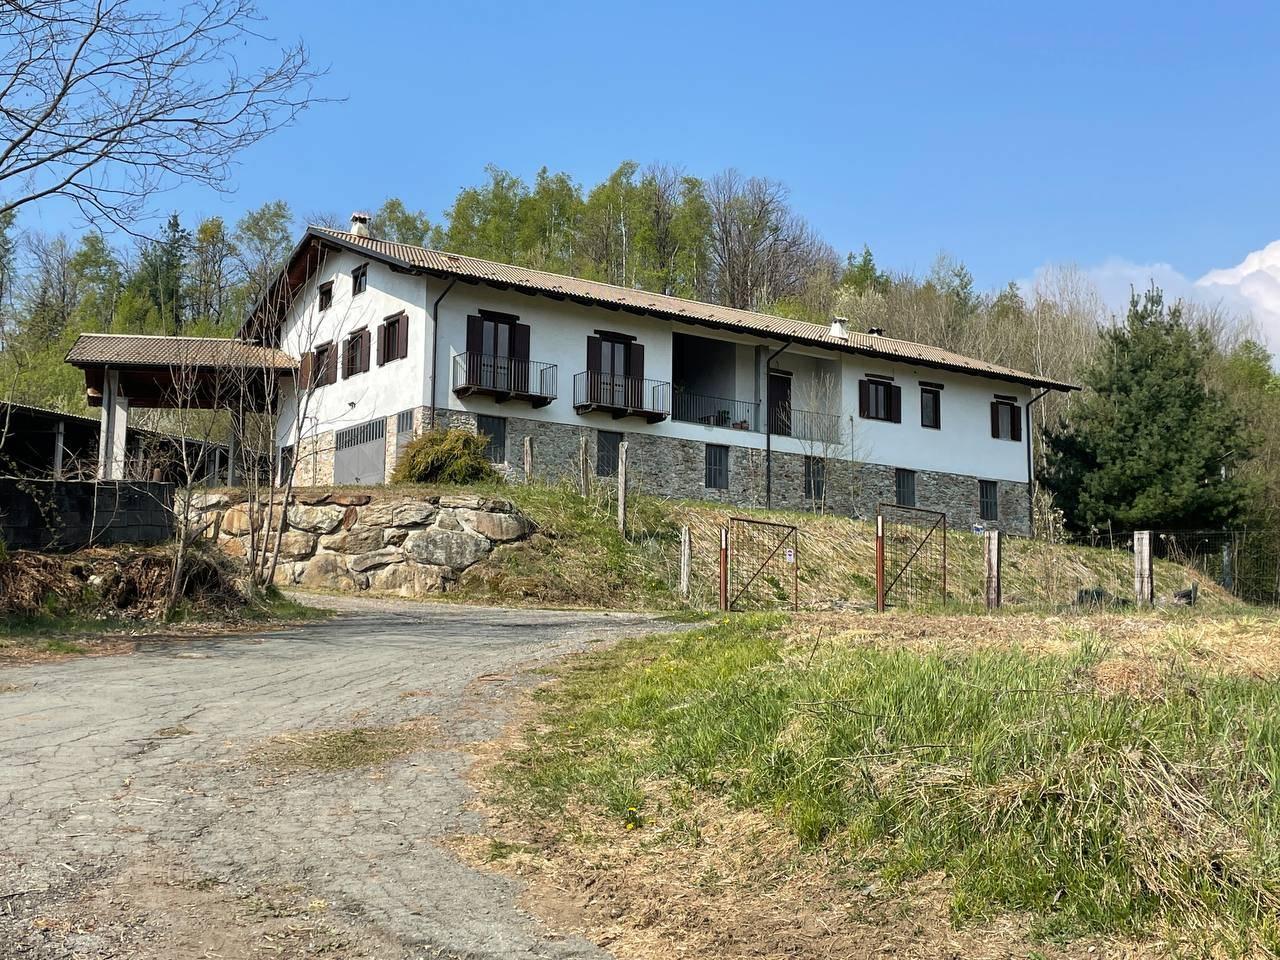 Rustico / Casale in vendita a Alice Superiore, 7 locali, prezzo € 349.000 | PortaleAgenzieImmobiliari.it